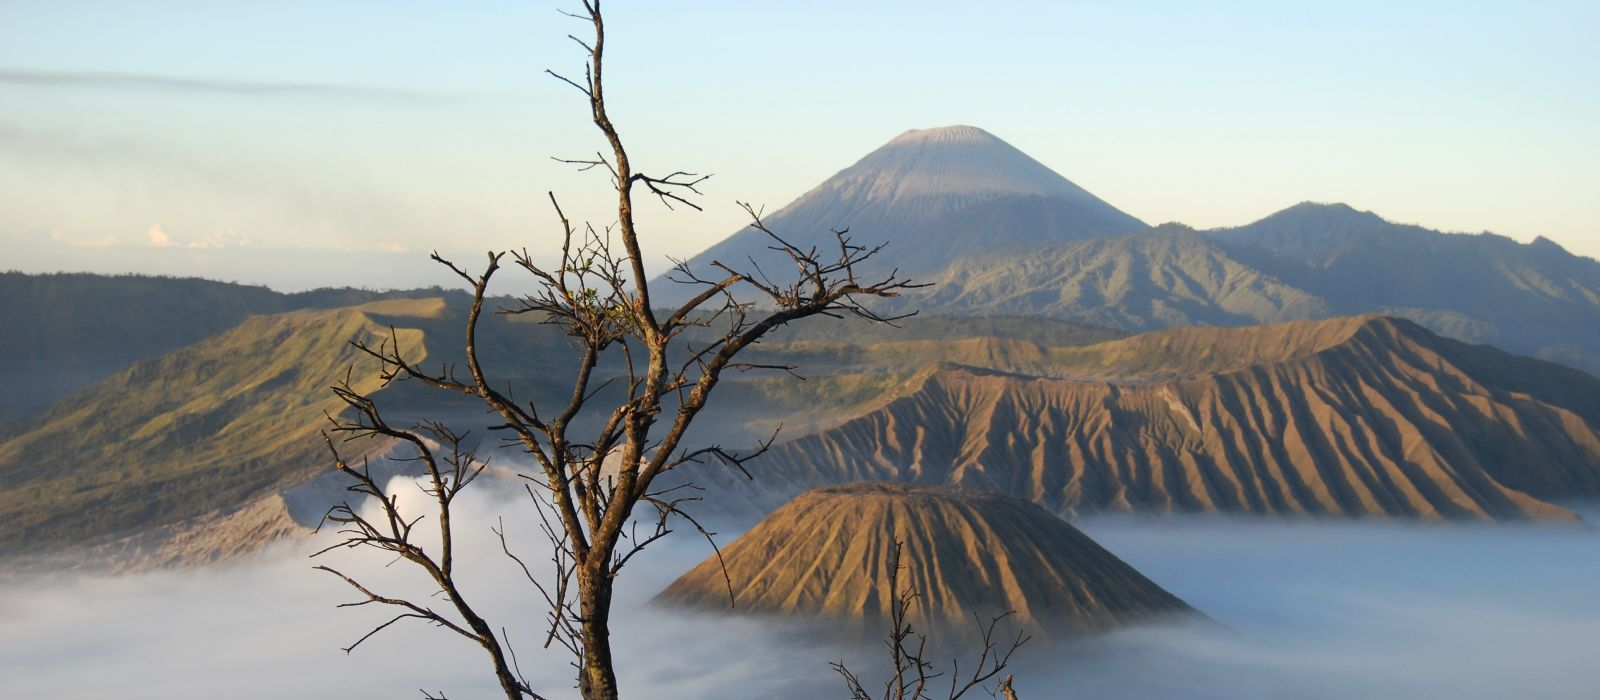 Abenteuer und Natur: Java und Bali Urlaub 4